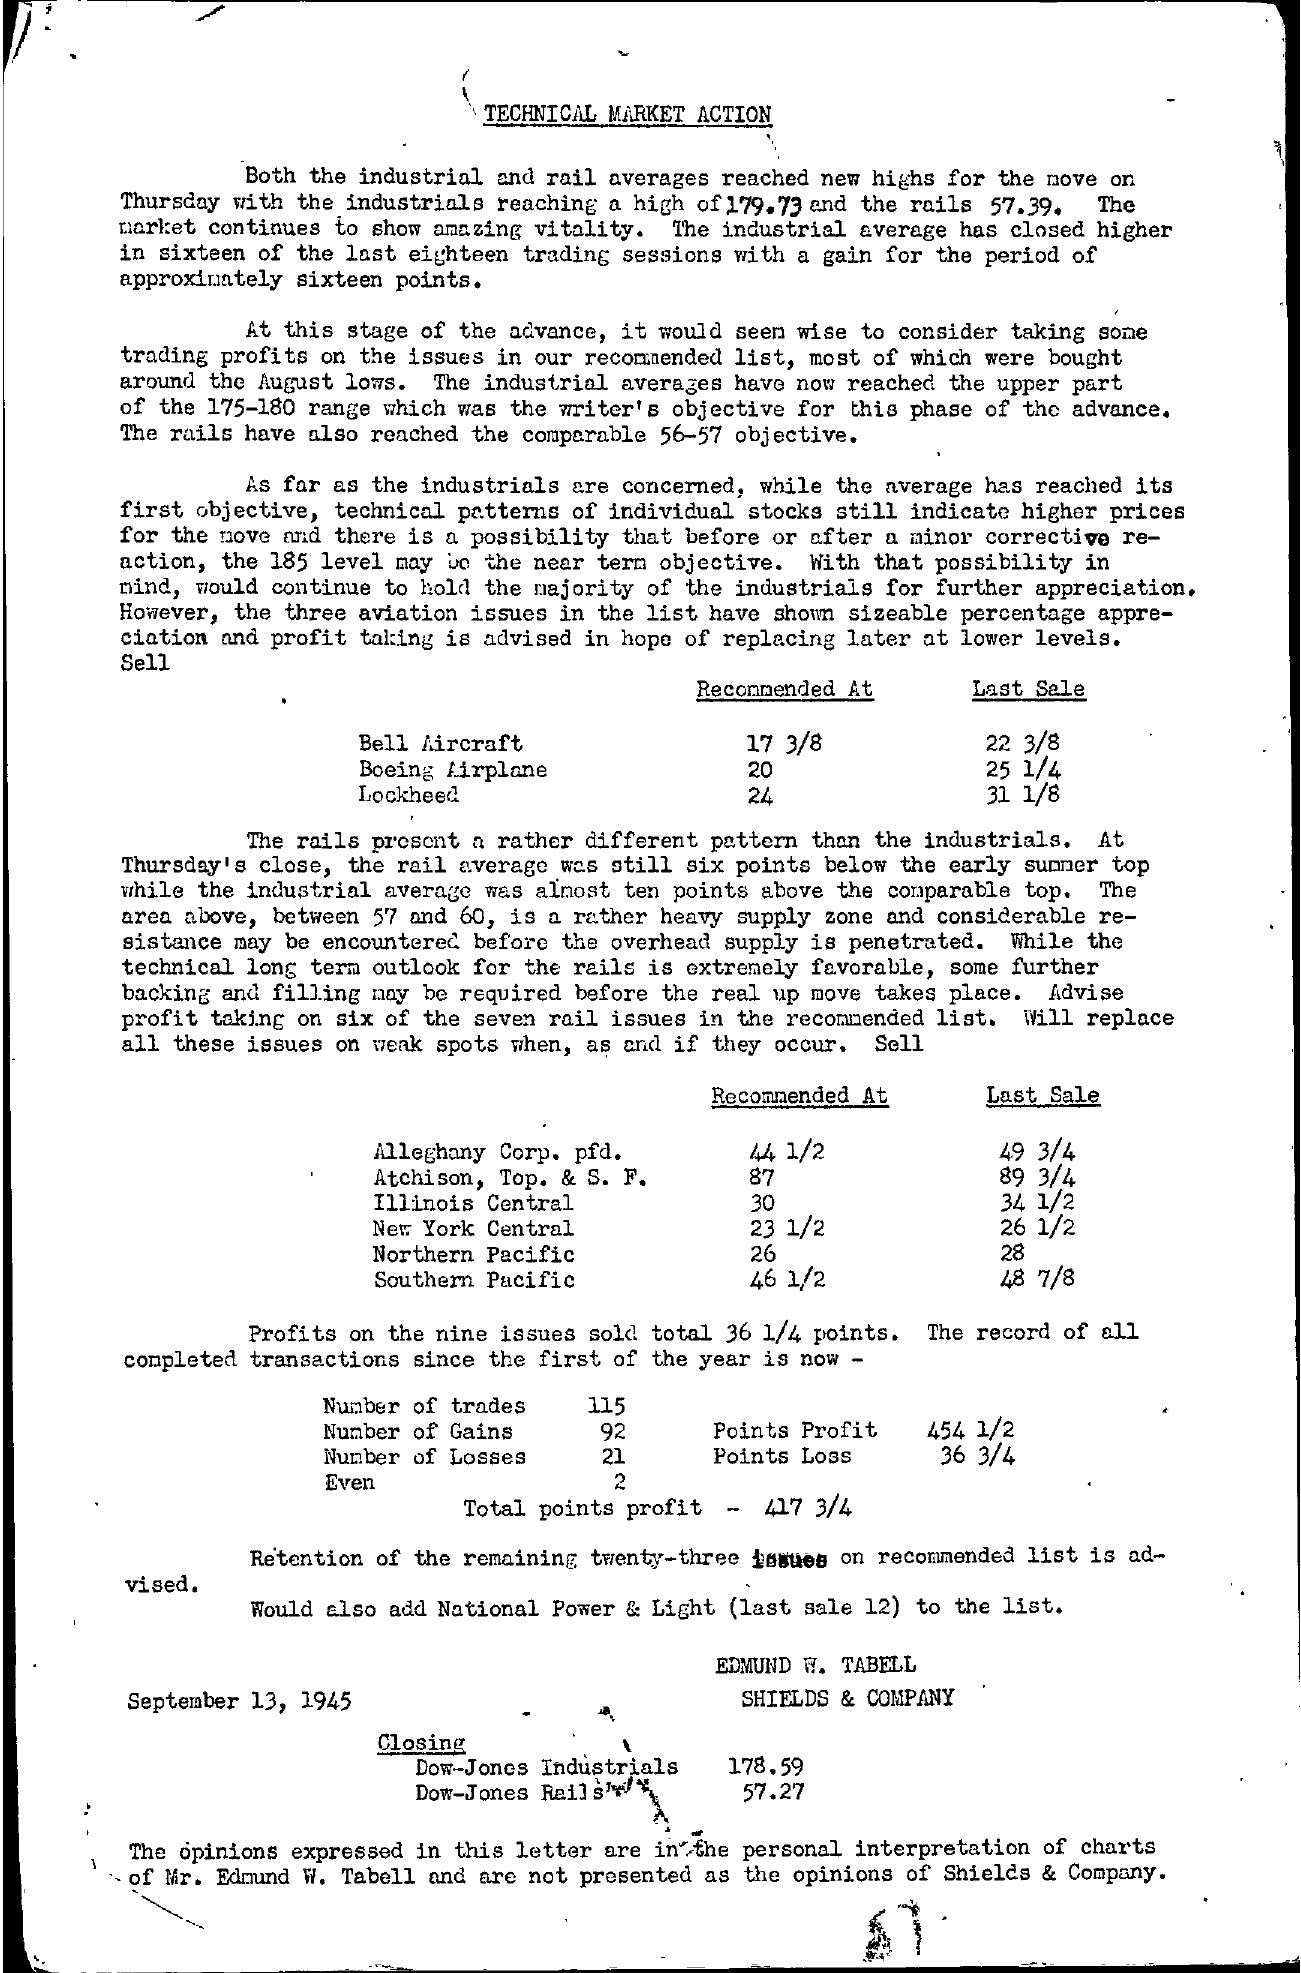 Tabell's Market Letter - September 13, 1945